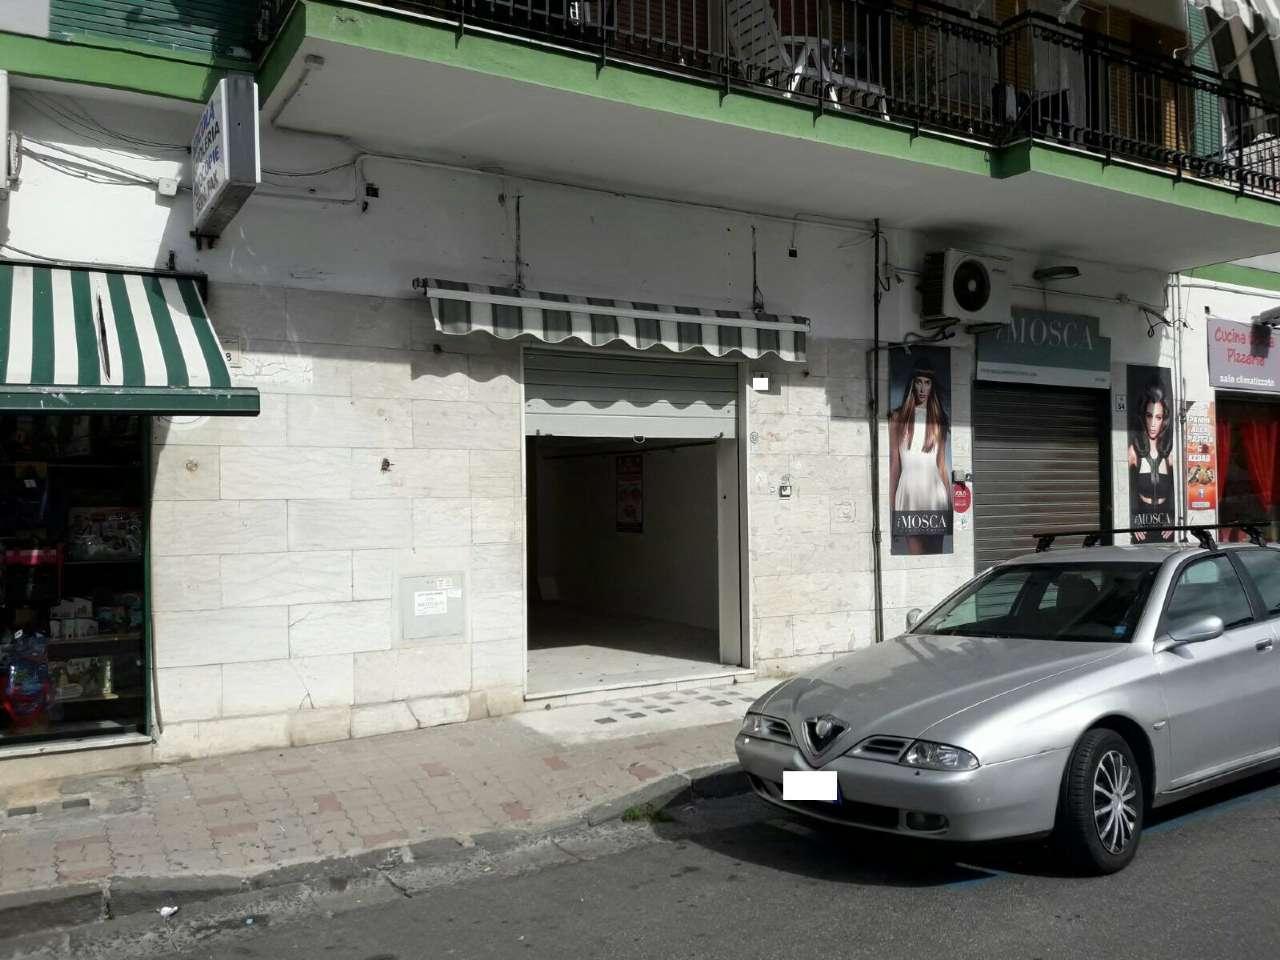 Negozio / Locale in affitto a San Giorgio a Cremano, 1 locali, prezzo € 500 | CambioCasa.it